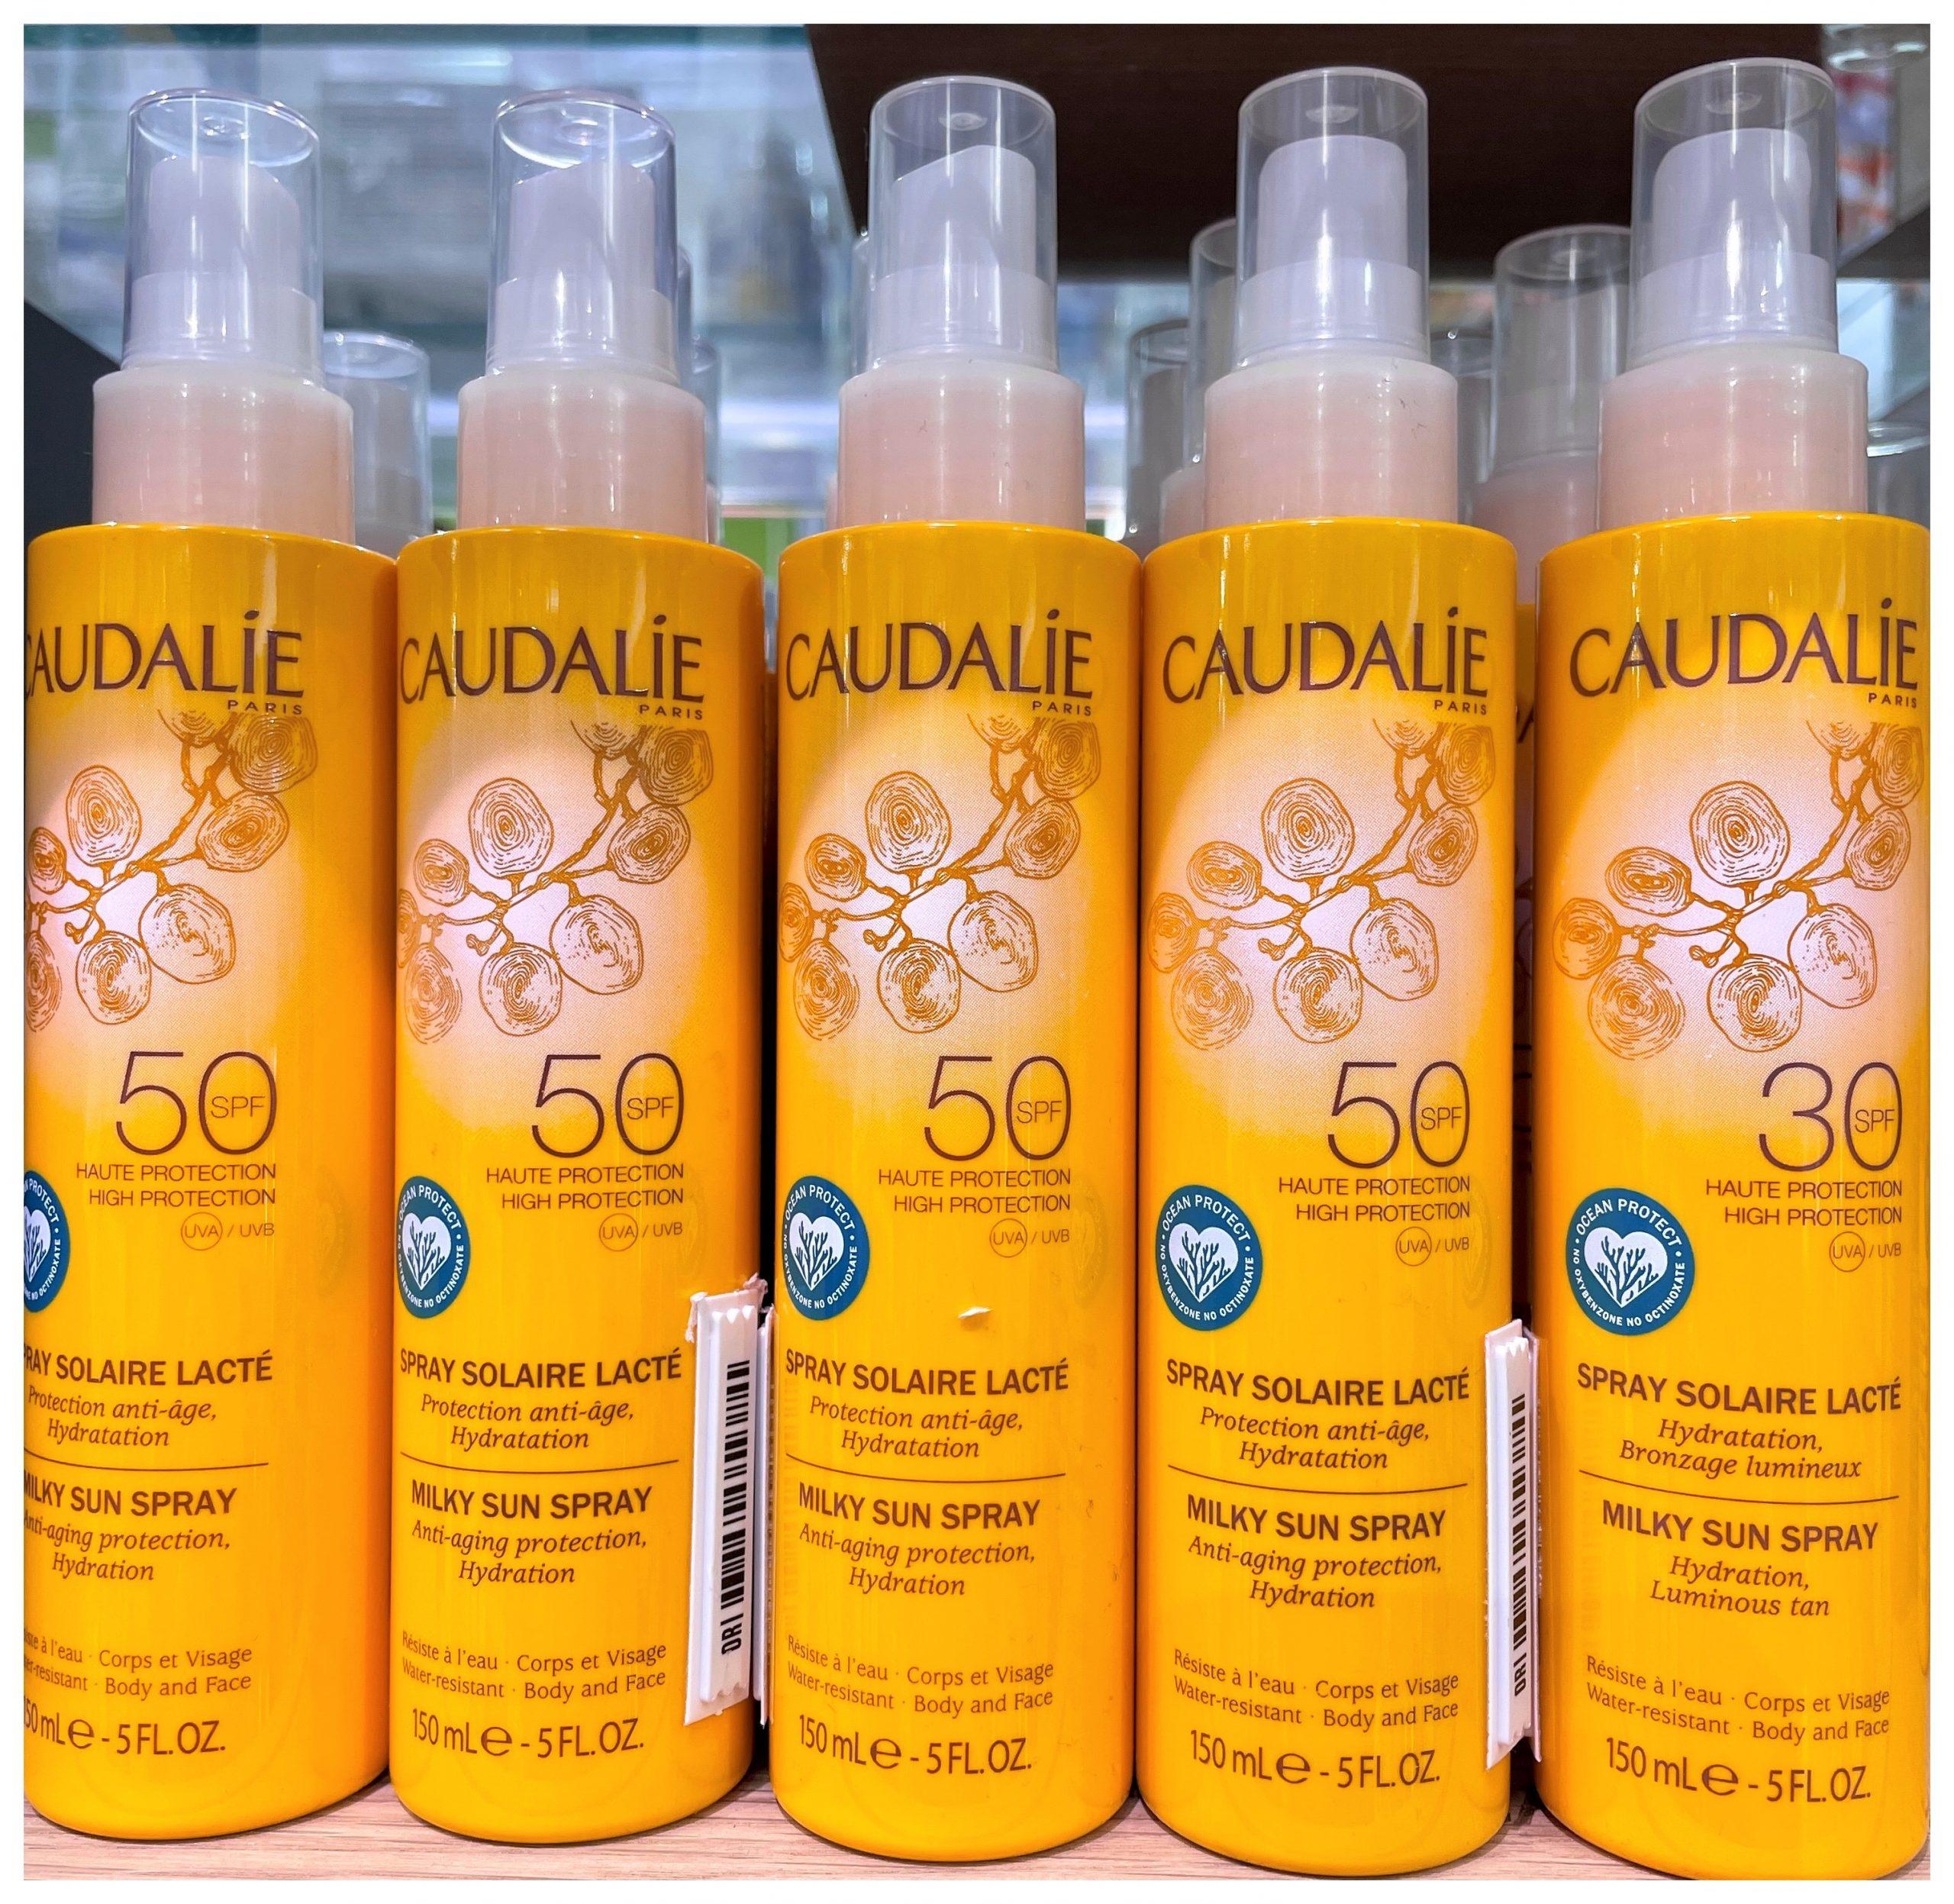 SPRAY SOLAR LÁCTEO SPF50 Protección antiedad rostro y cuerpo, hidratación, bronceado luminoso. Una protección máxima para un bronceado luminoso y duradero, seguro para la piel y para la naturaleza.